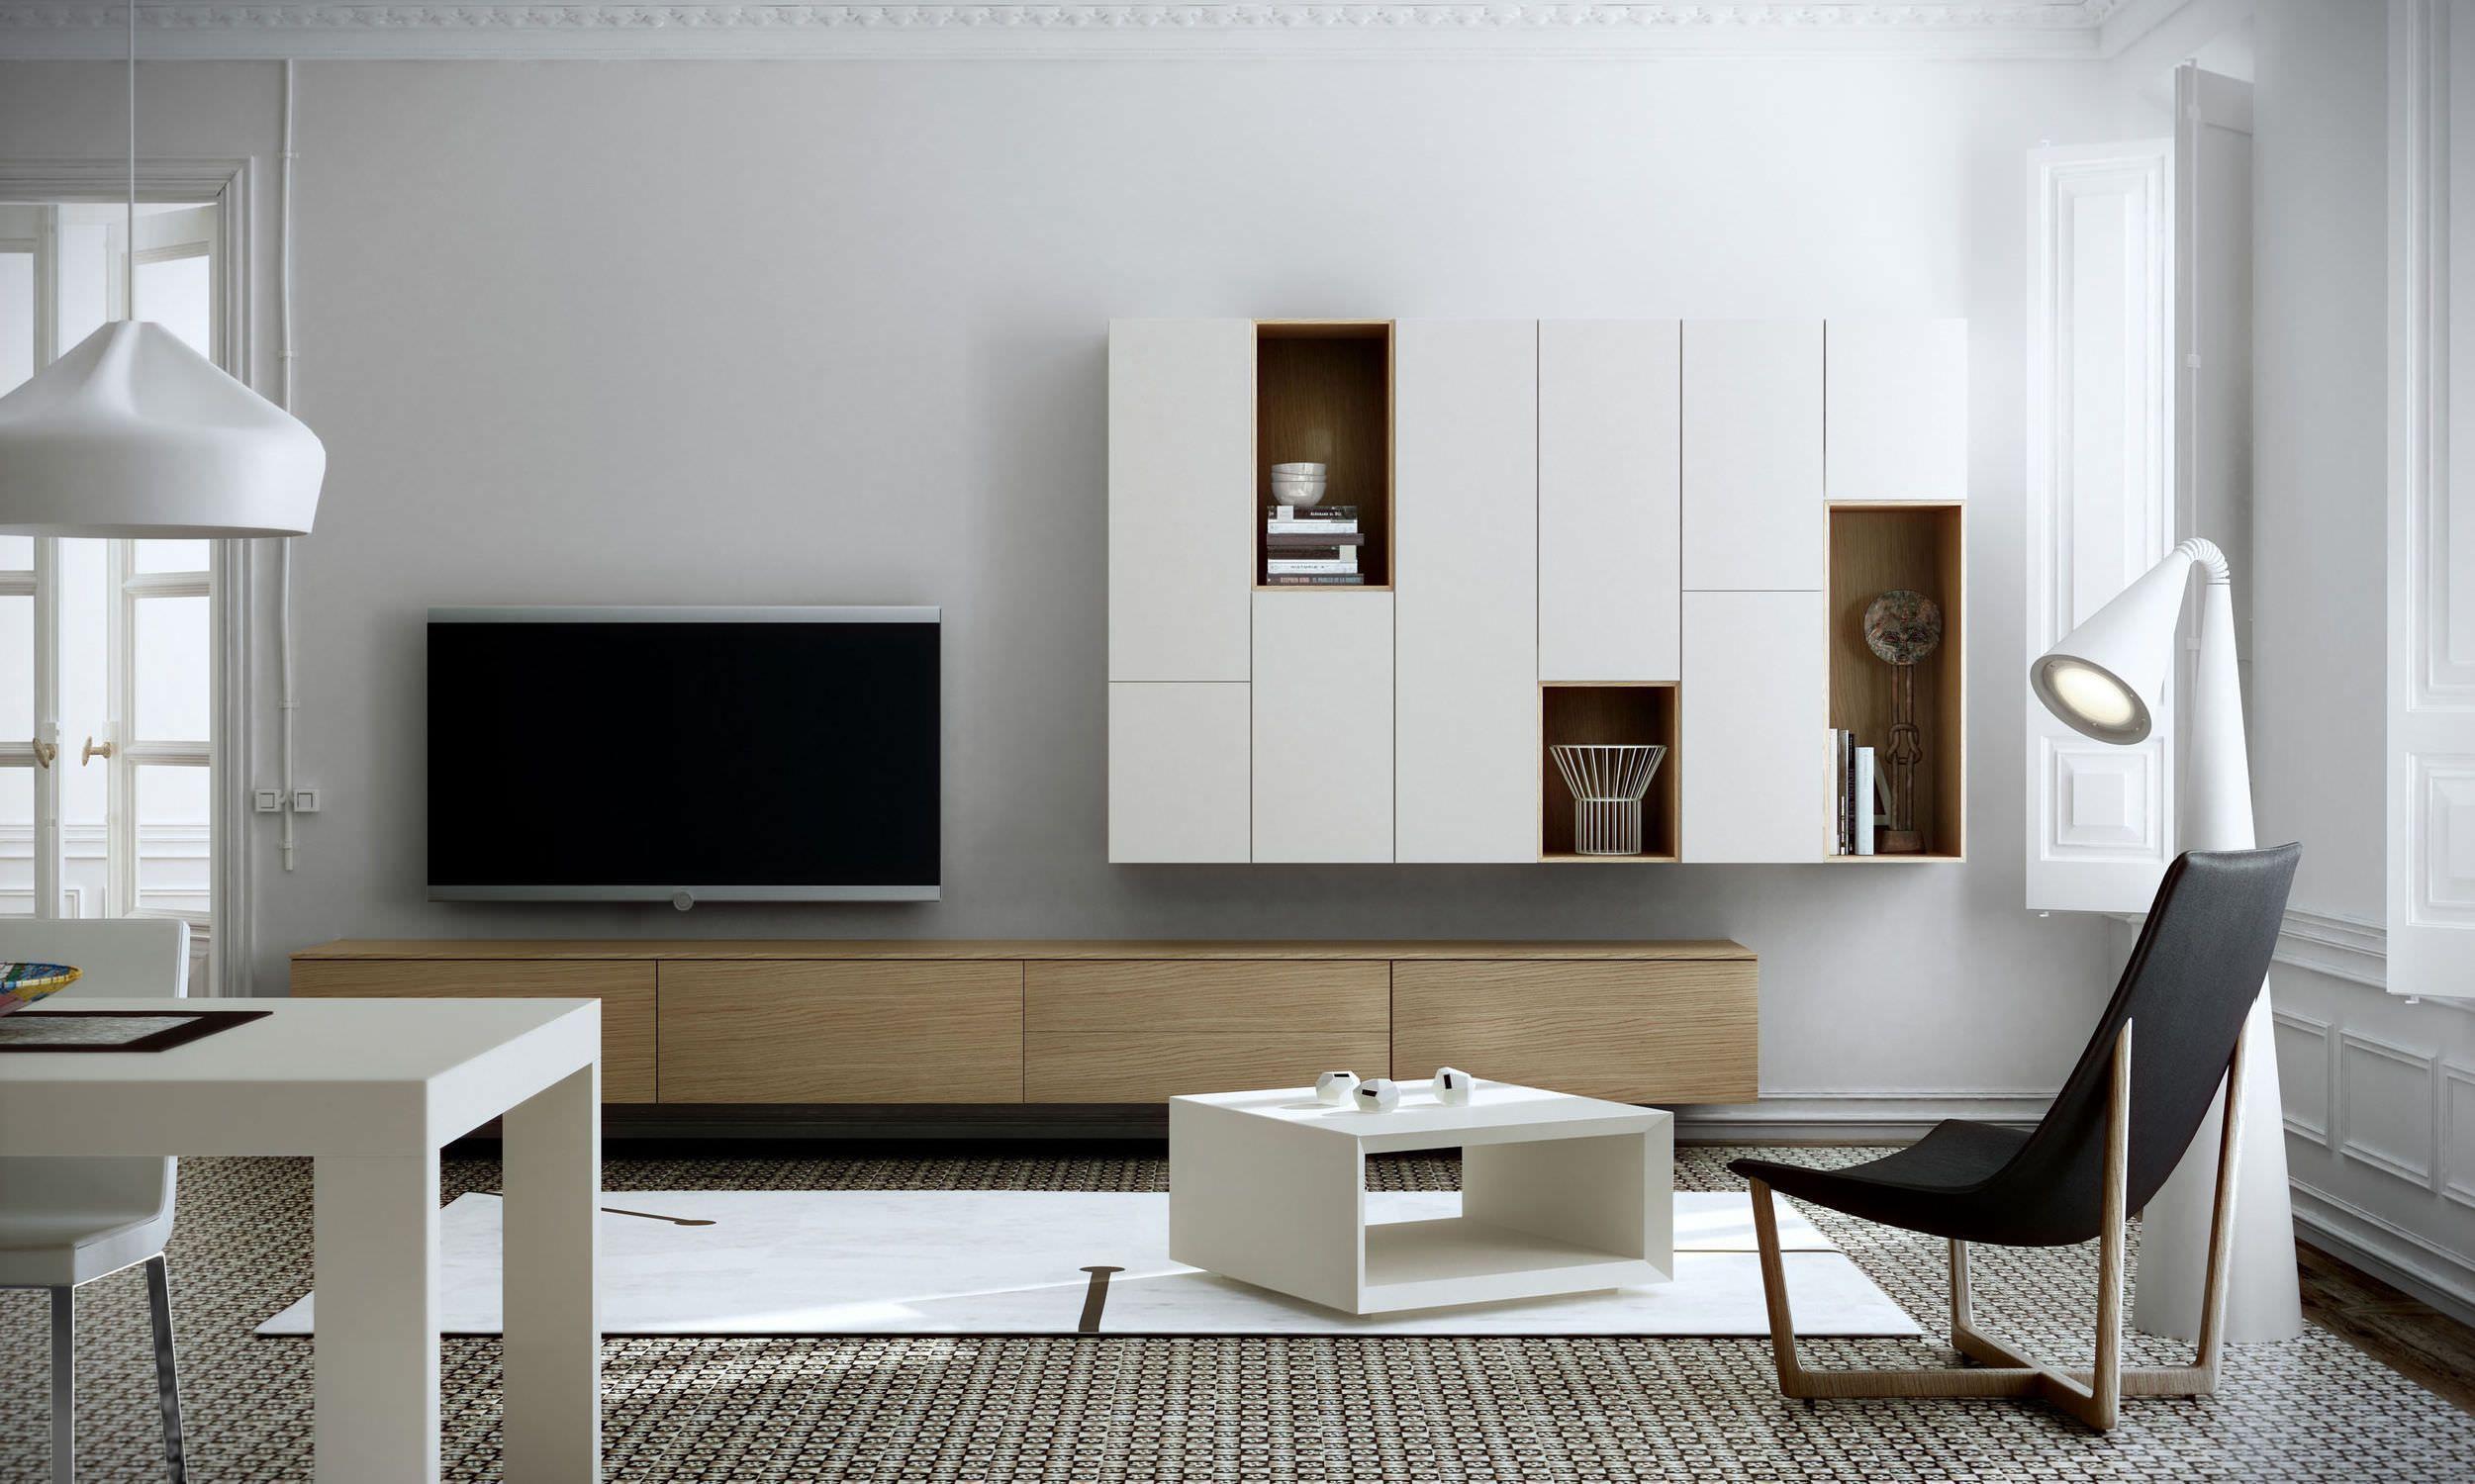 sala-moderna-14